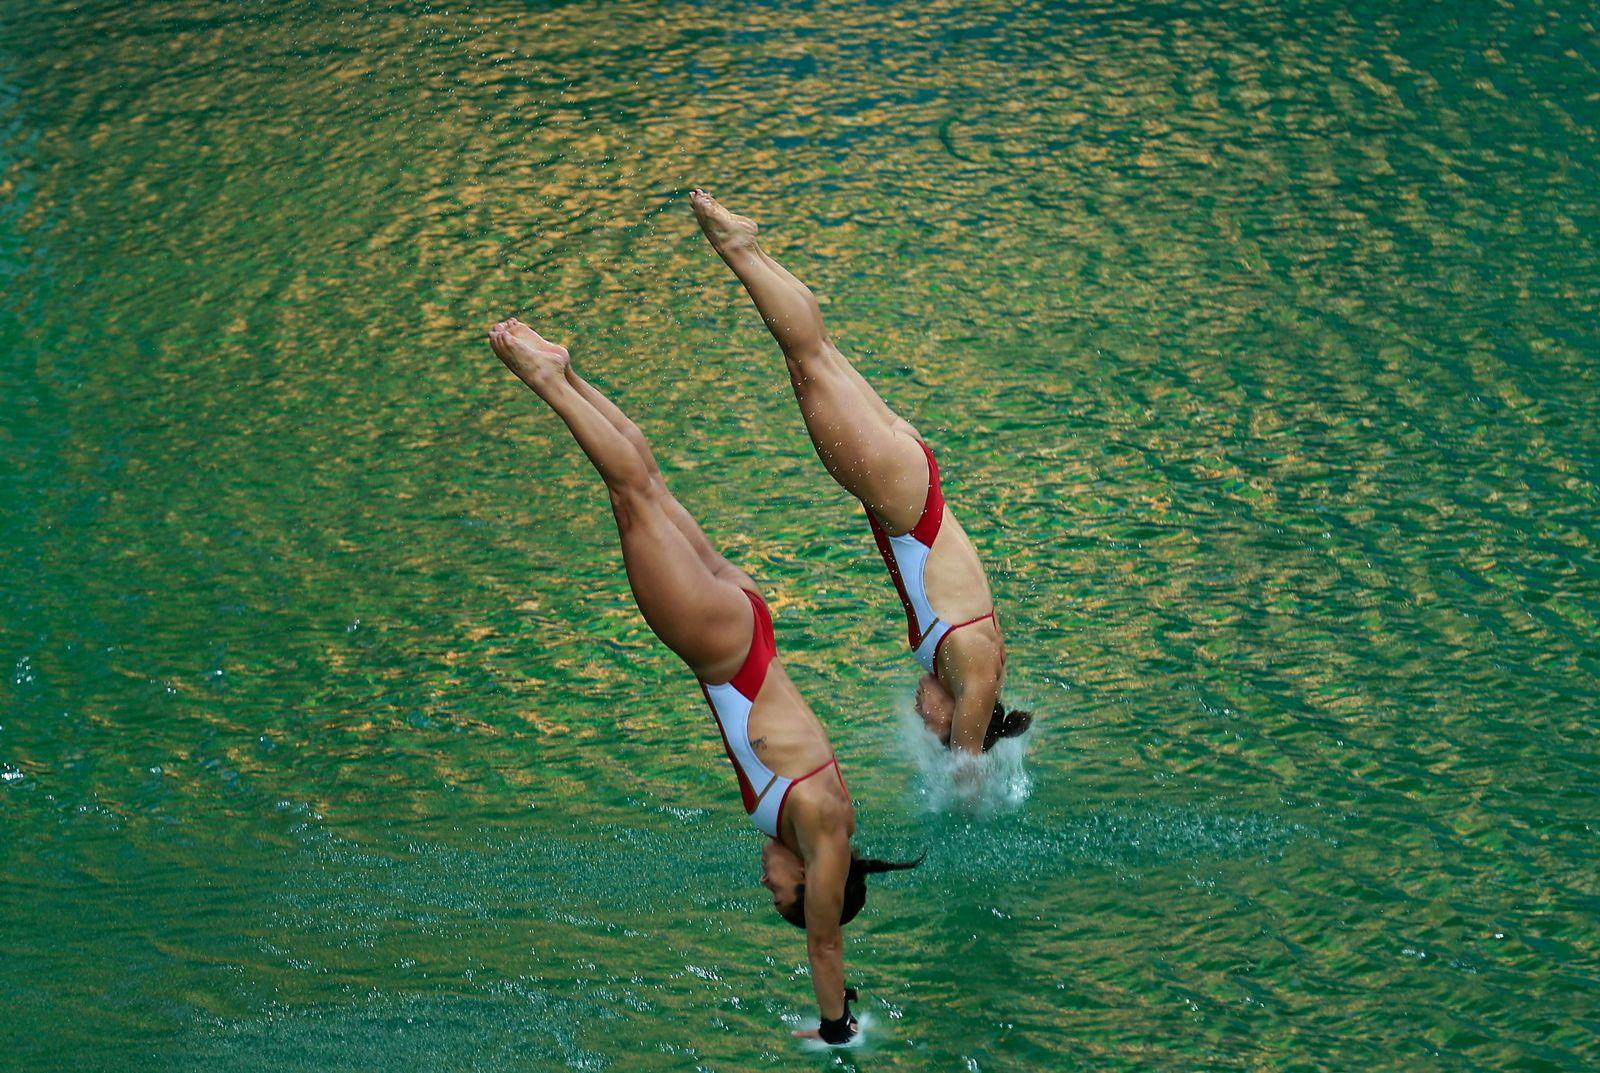 Rio 2016/ Wasserspringen/ grünes Wasser